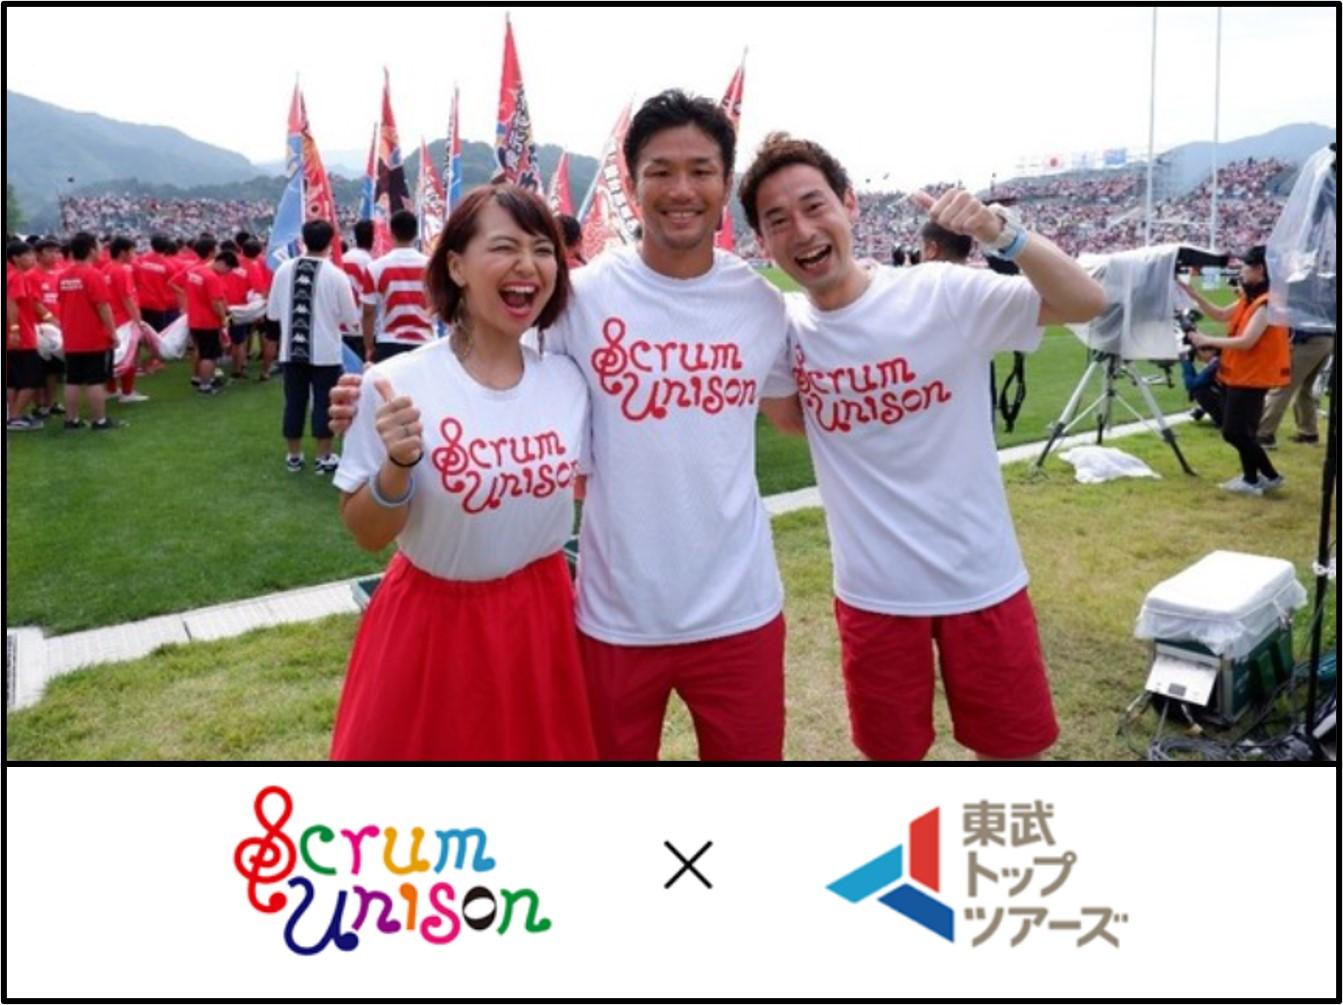 『東武トップツアーズ×Scrum Unison(スクラム・ユニゾン)』オフィシャルサポーターに決定!